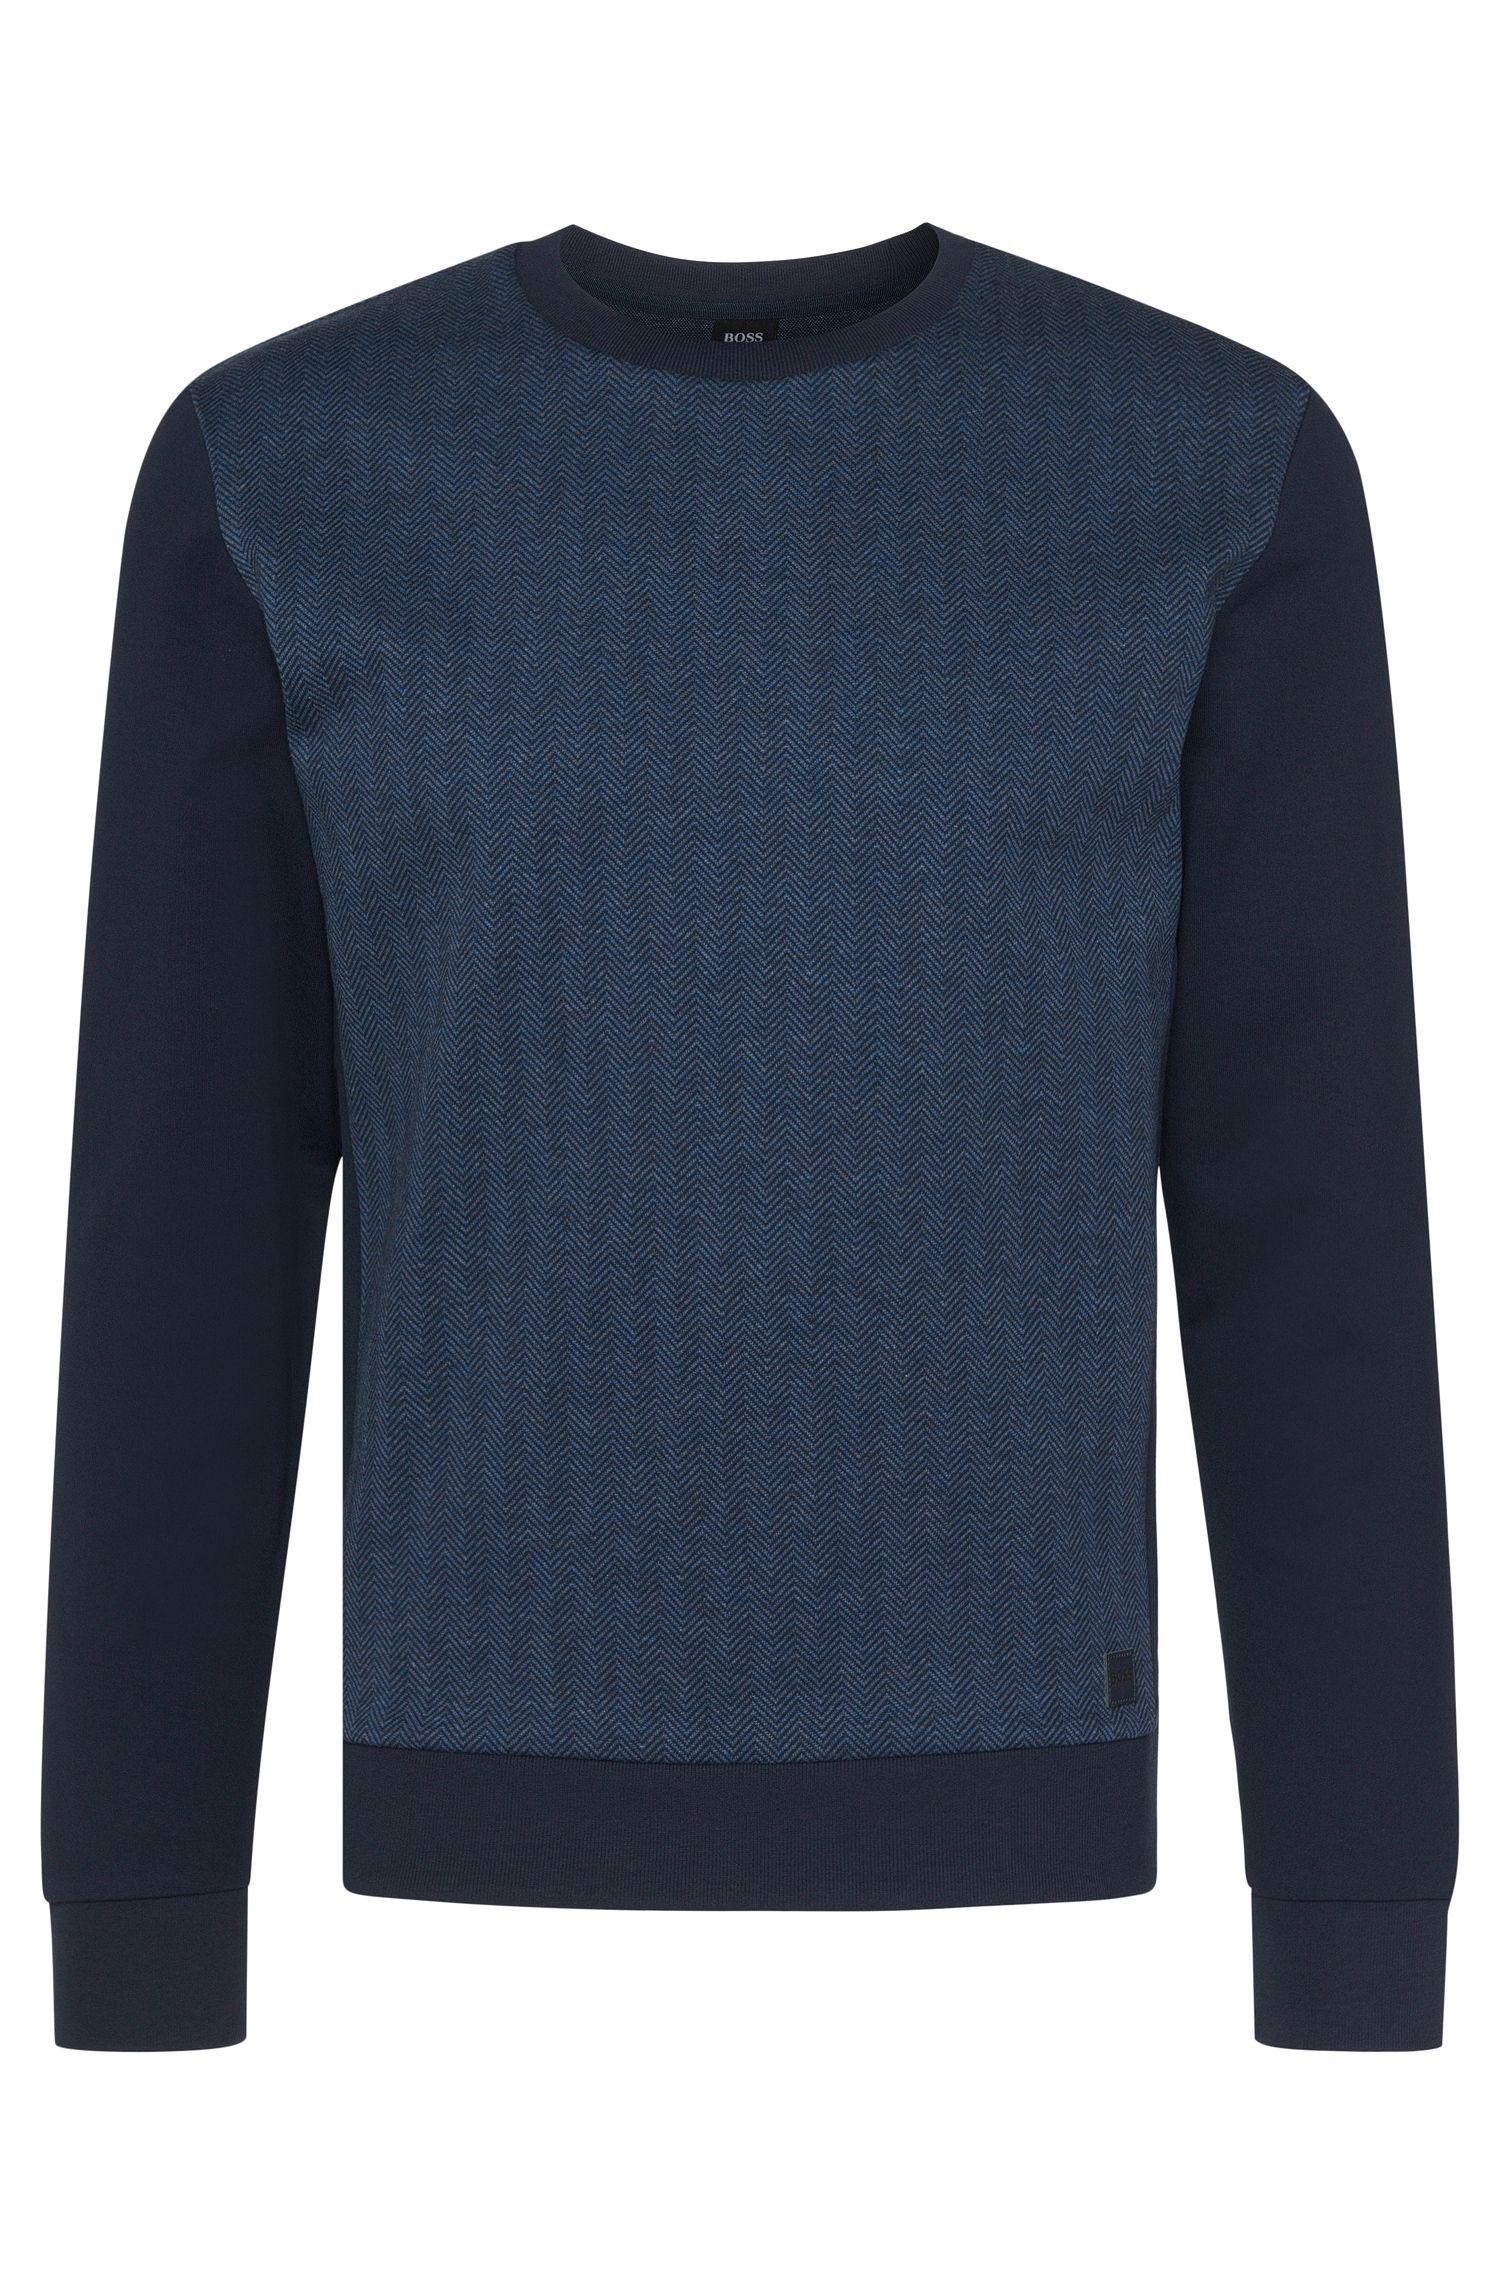 Sweatshirt van katoen met pied-de-poule-dessin: 'Sweatshirt'